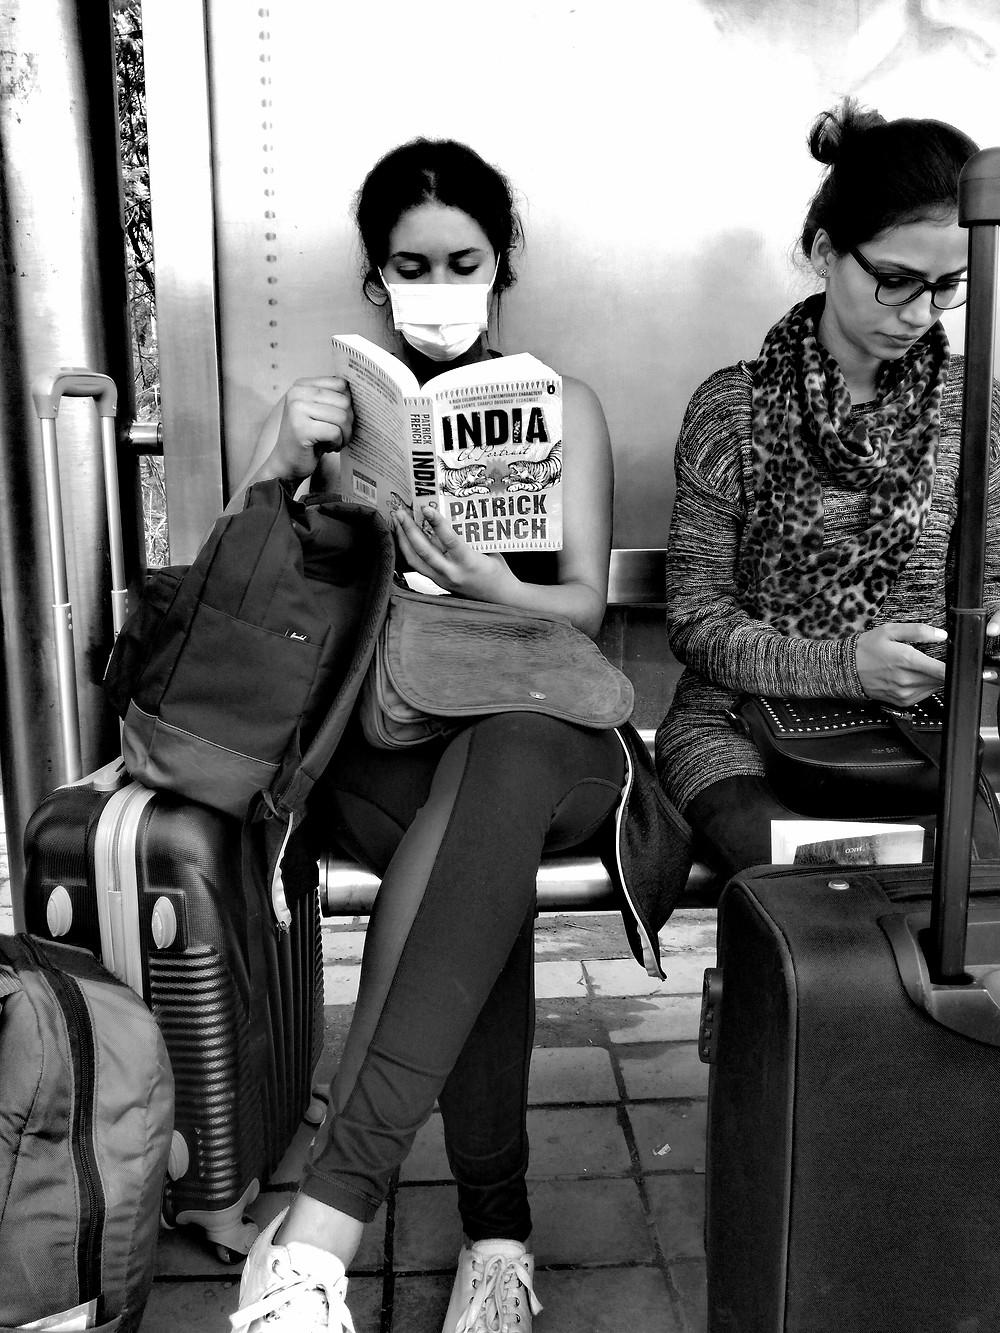 Rebecca Mqamelo reading in New Delhi, India